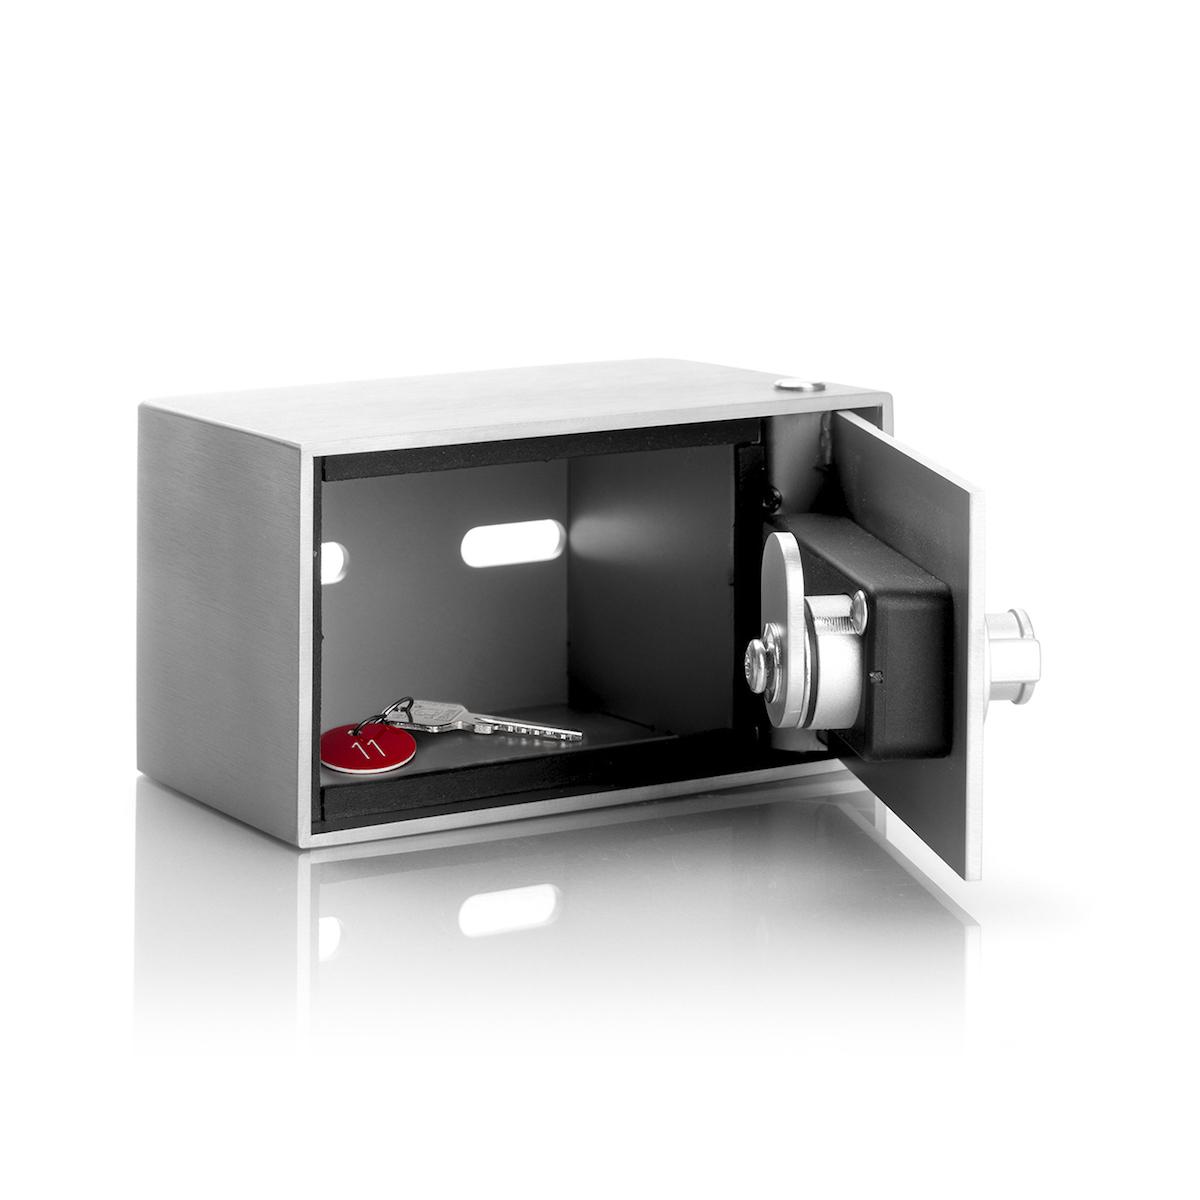 RVS 316  sleutelkast met cijferslot en back up sleutel